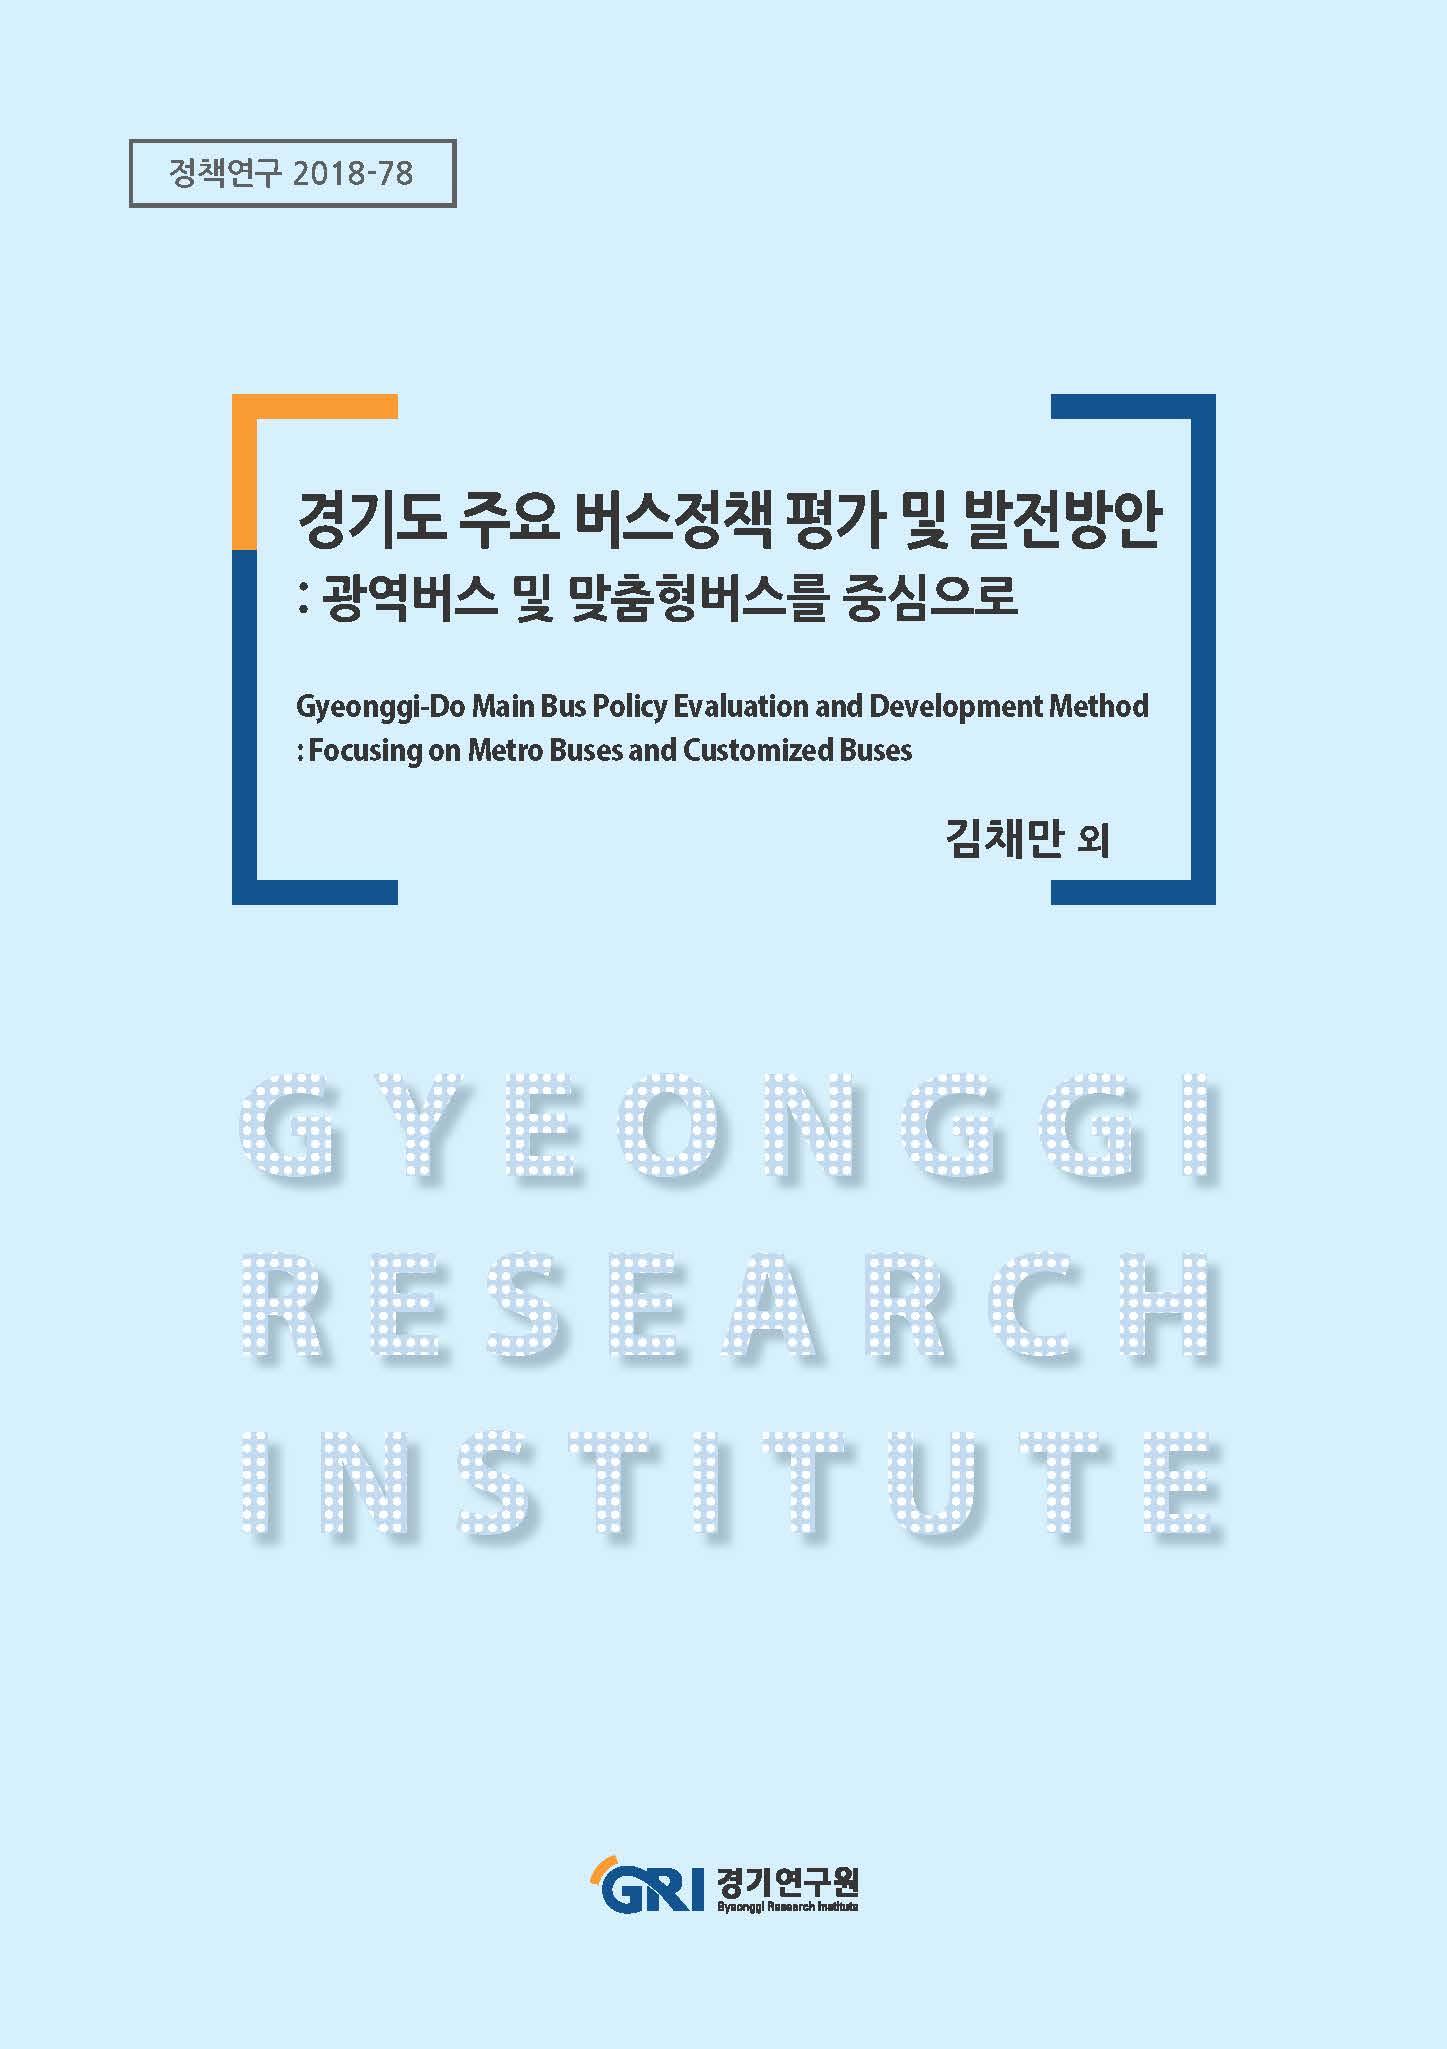 경기도 주요버스정책 평가 및 발전방안 : 광역버스 및 맞춤형버스를 중심으로